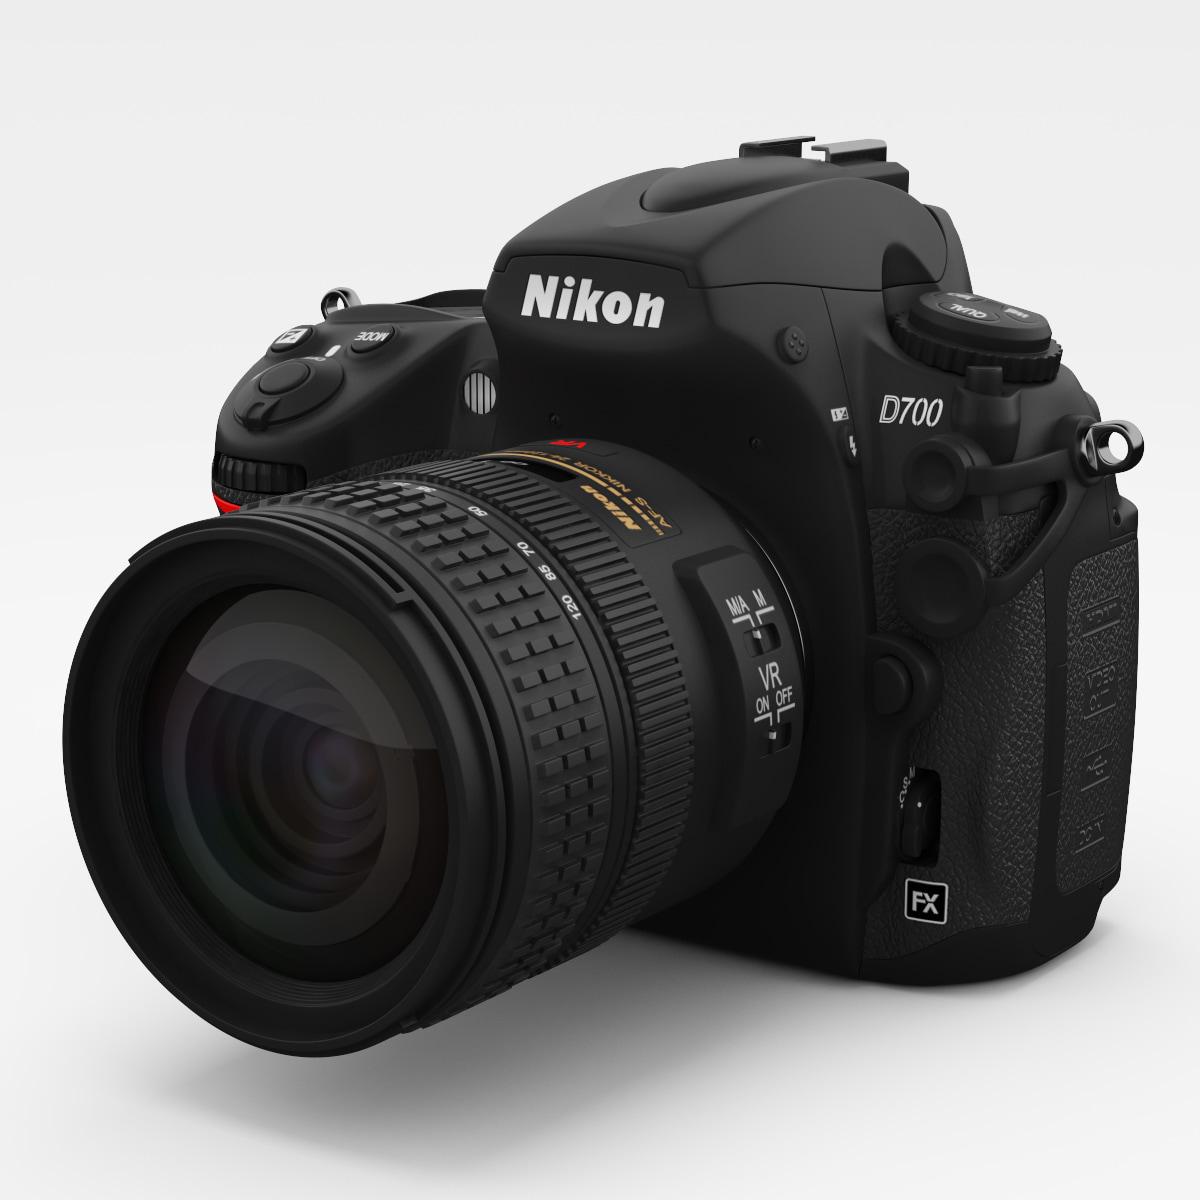 Nikon_D700_Kit_01.jpg